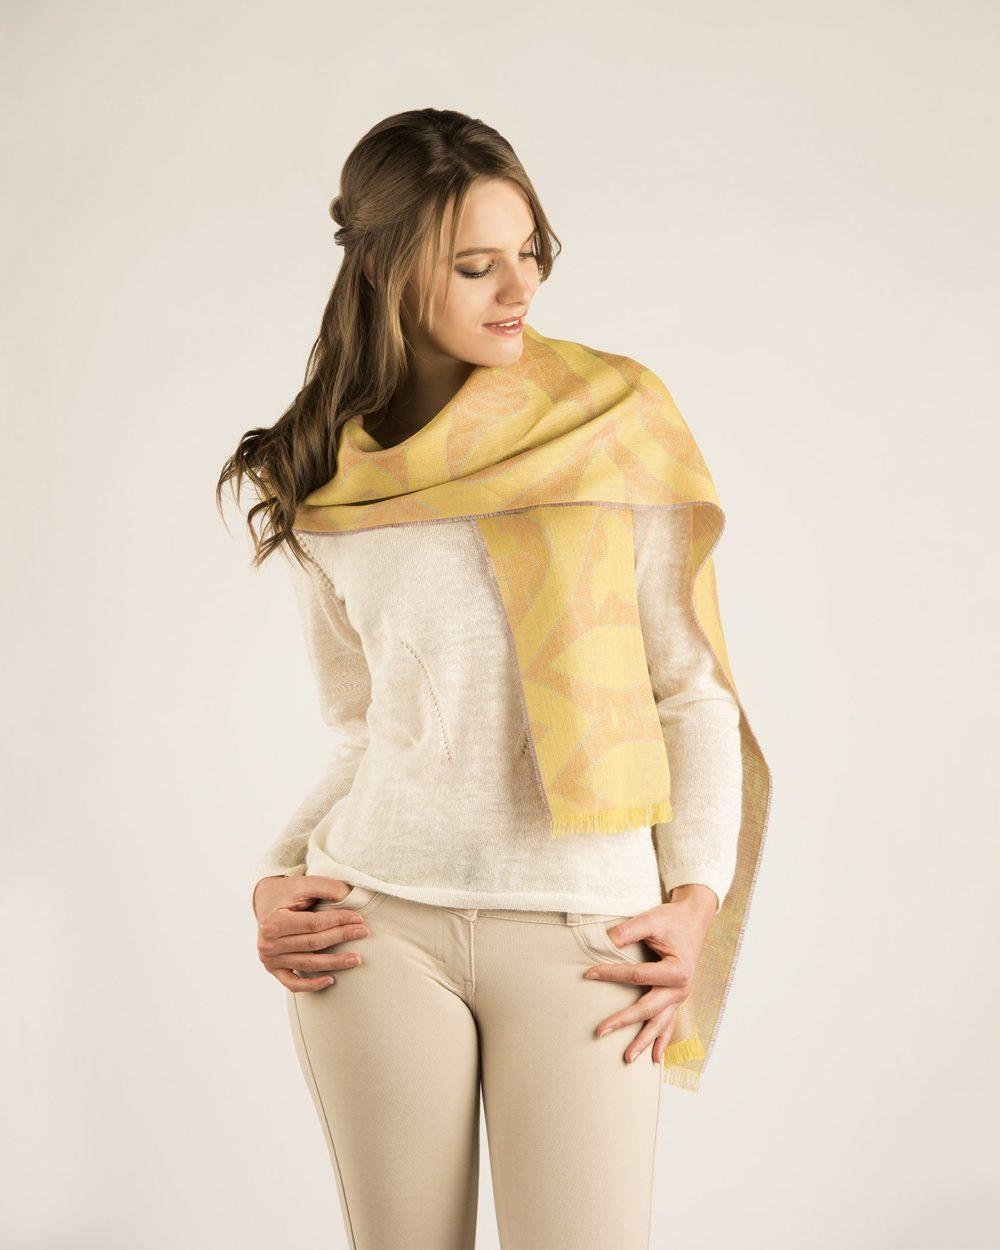 Écharpe SHADOW en bébé alpaga et soie - écharpes, bonnets et pulls en alpaga. Fine Alpaca, fine laine et coton du Pérou, vêtements en fibres naturelles.